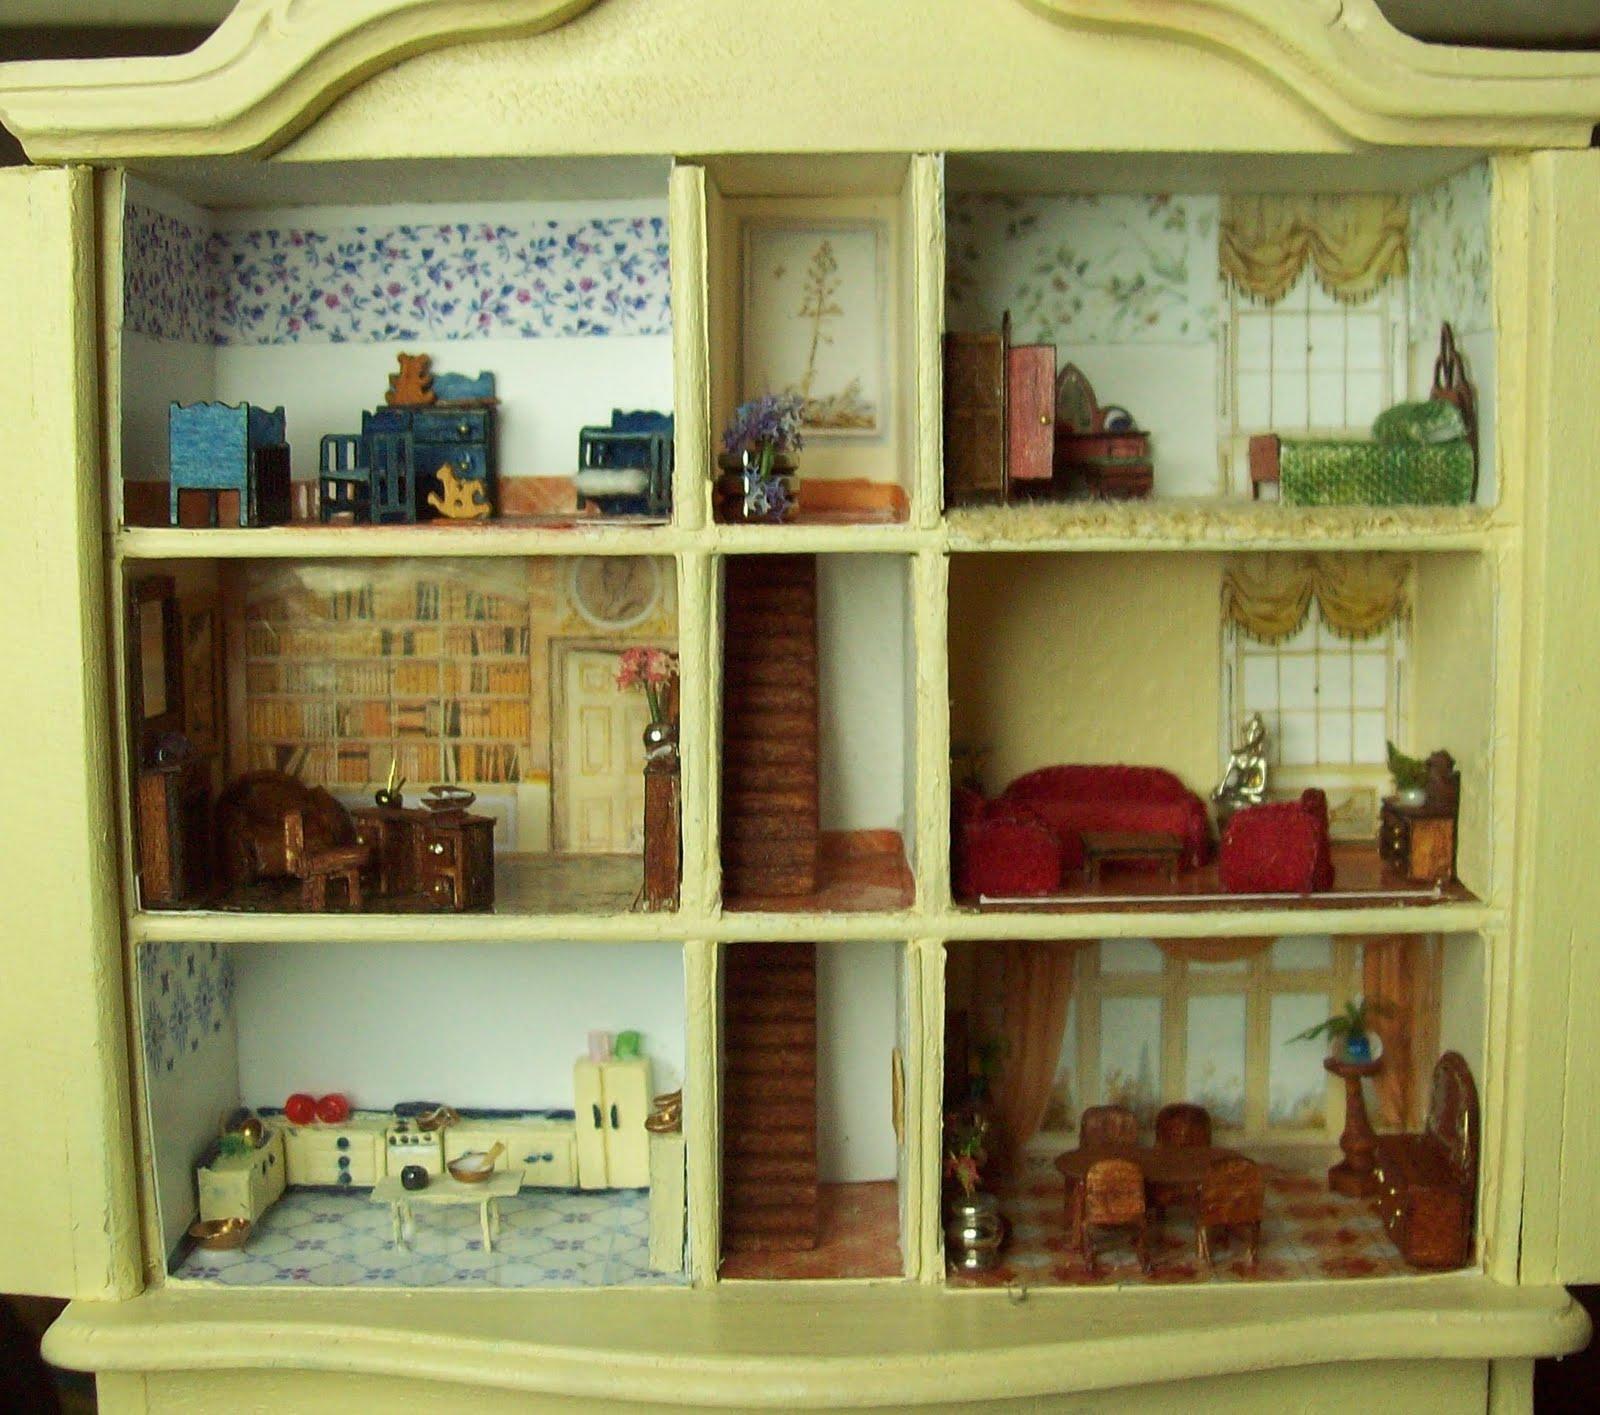 Construir tu casa en miniatura mayo 2010 - Casas en miniatura de madera ...